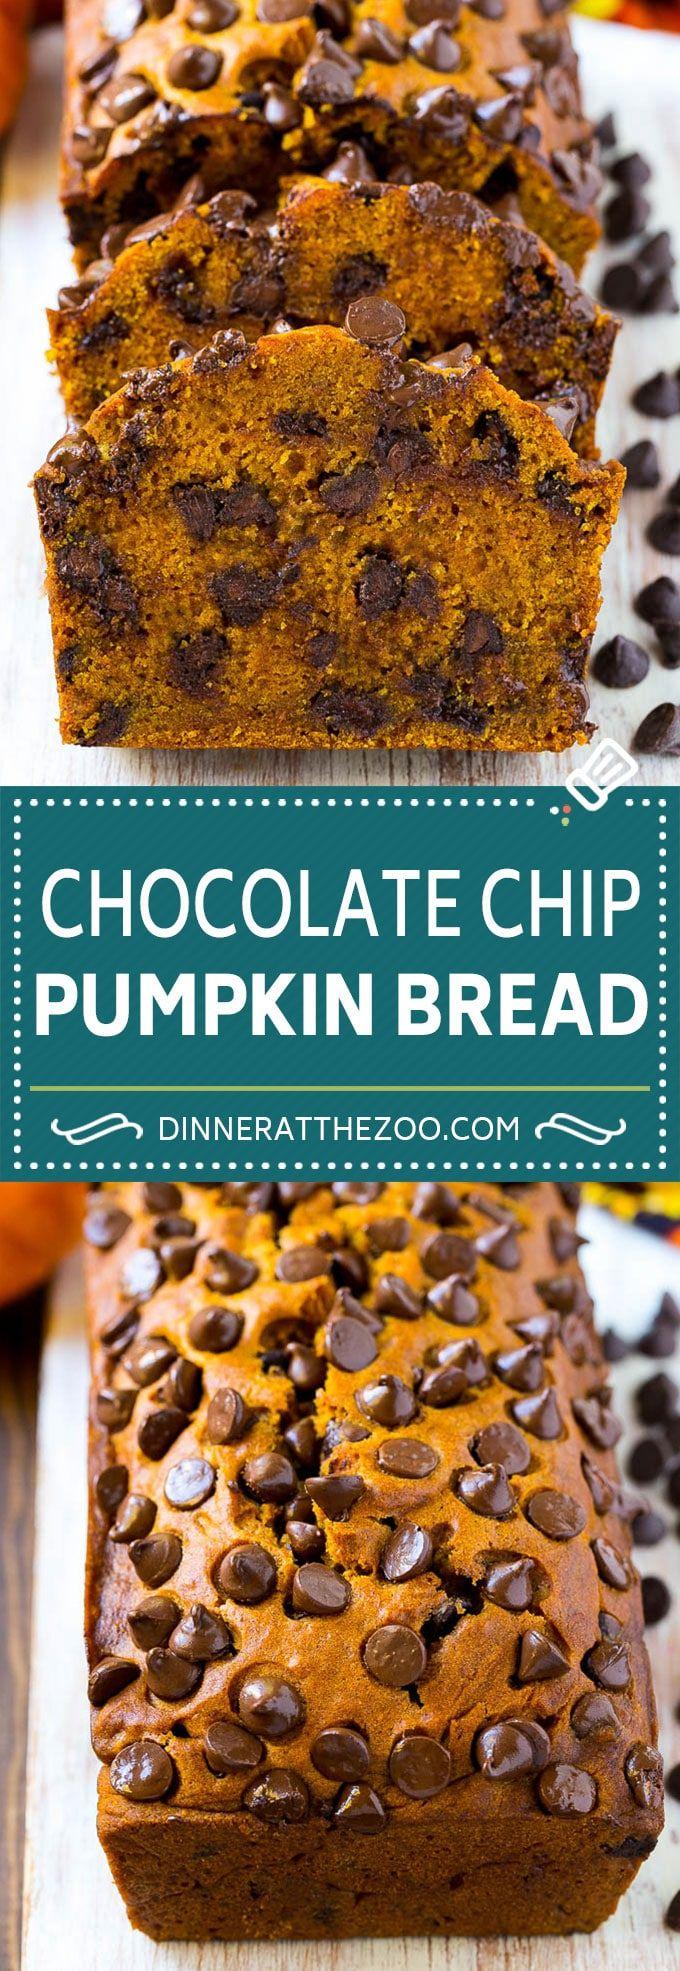 Pumpkin Chocolate Chip Bread Recipe | Pumpkin Bread | Chocolate Pumpkin Bread